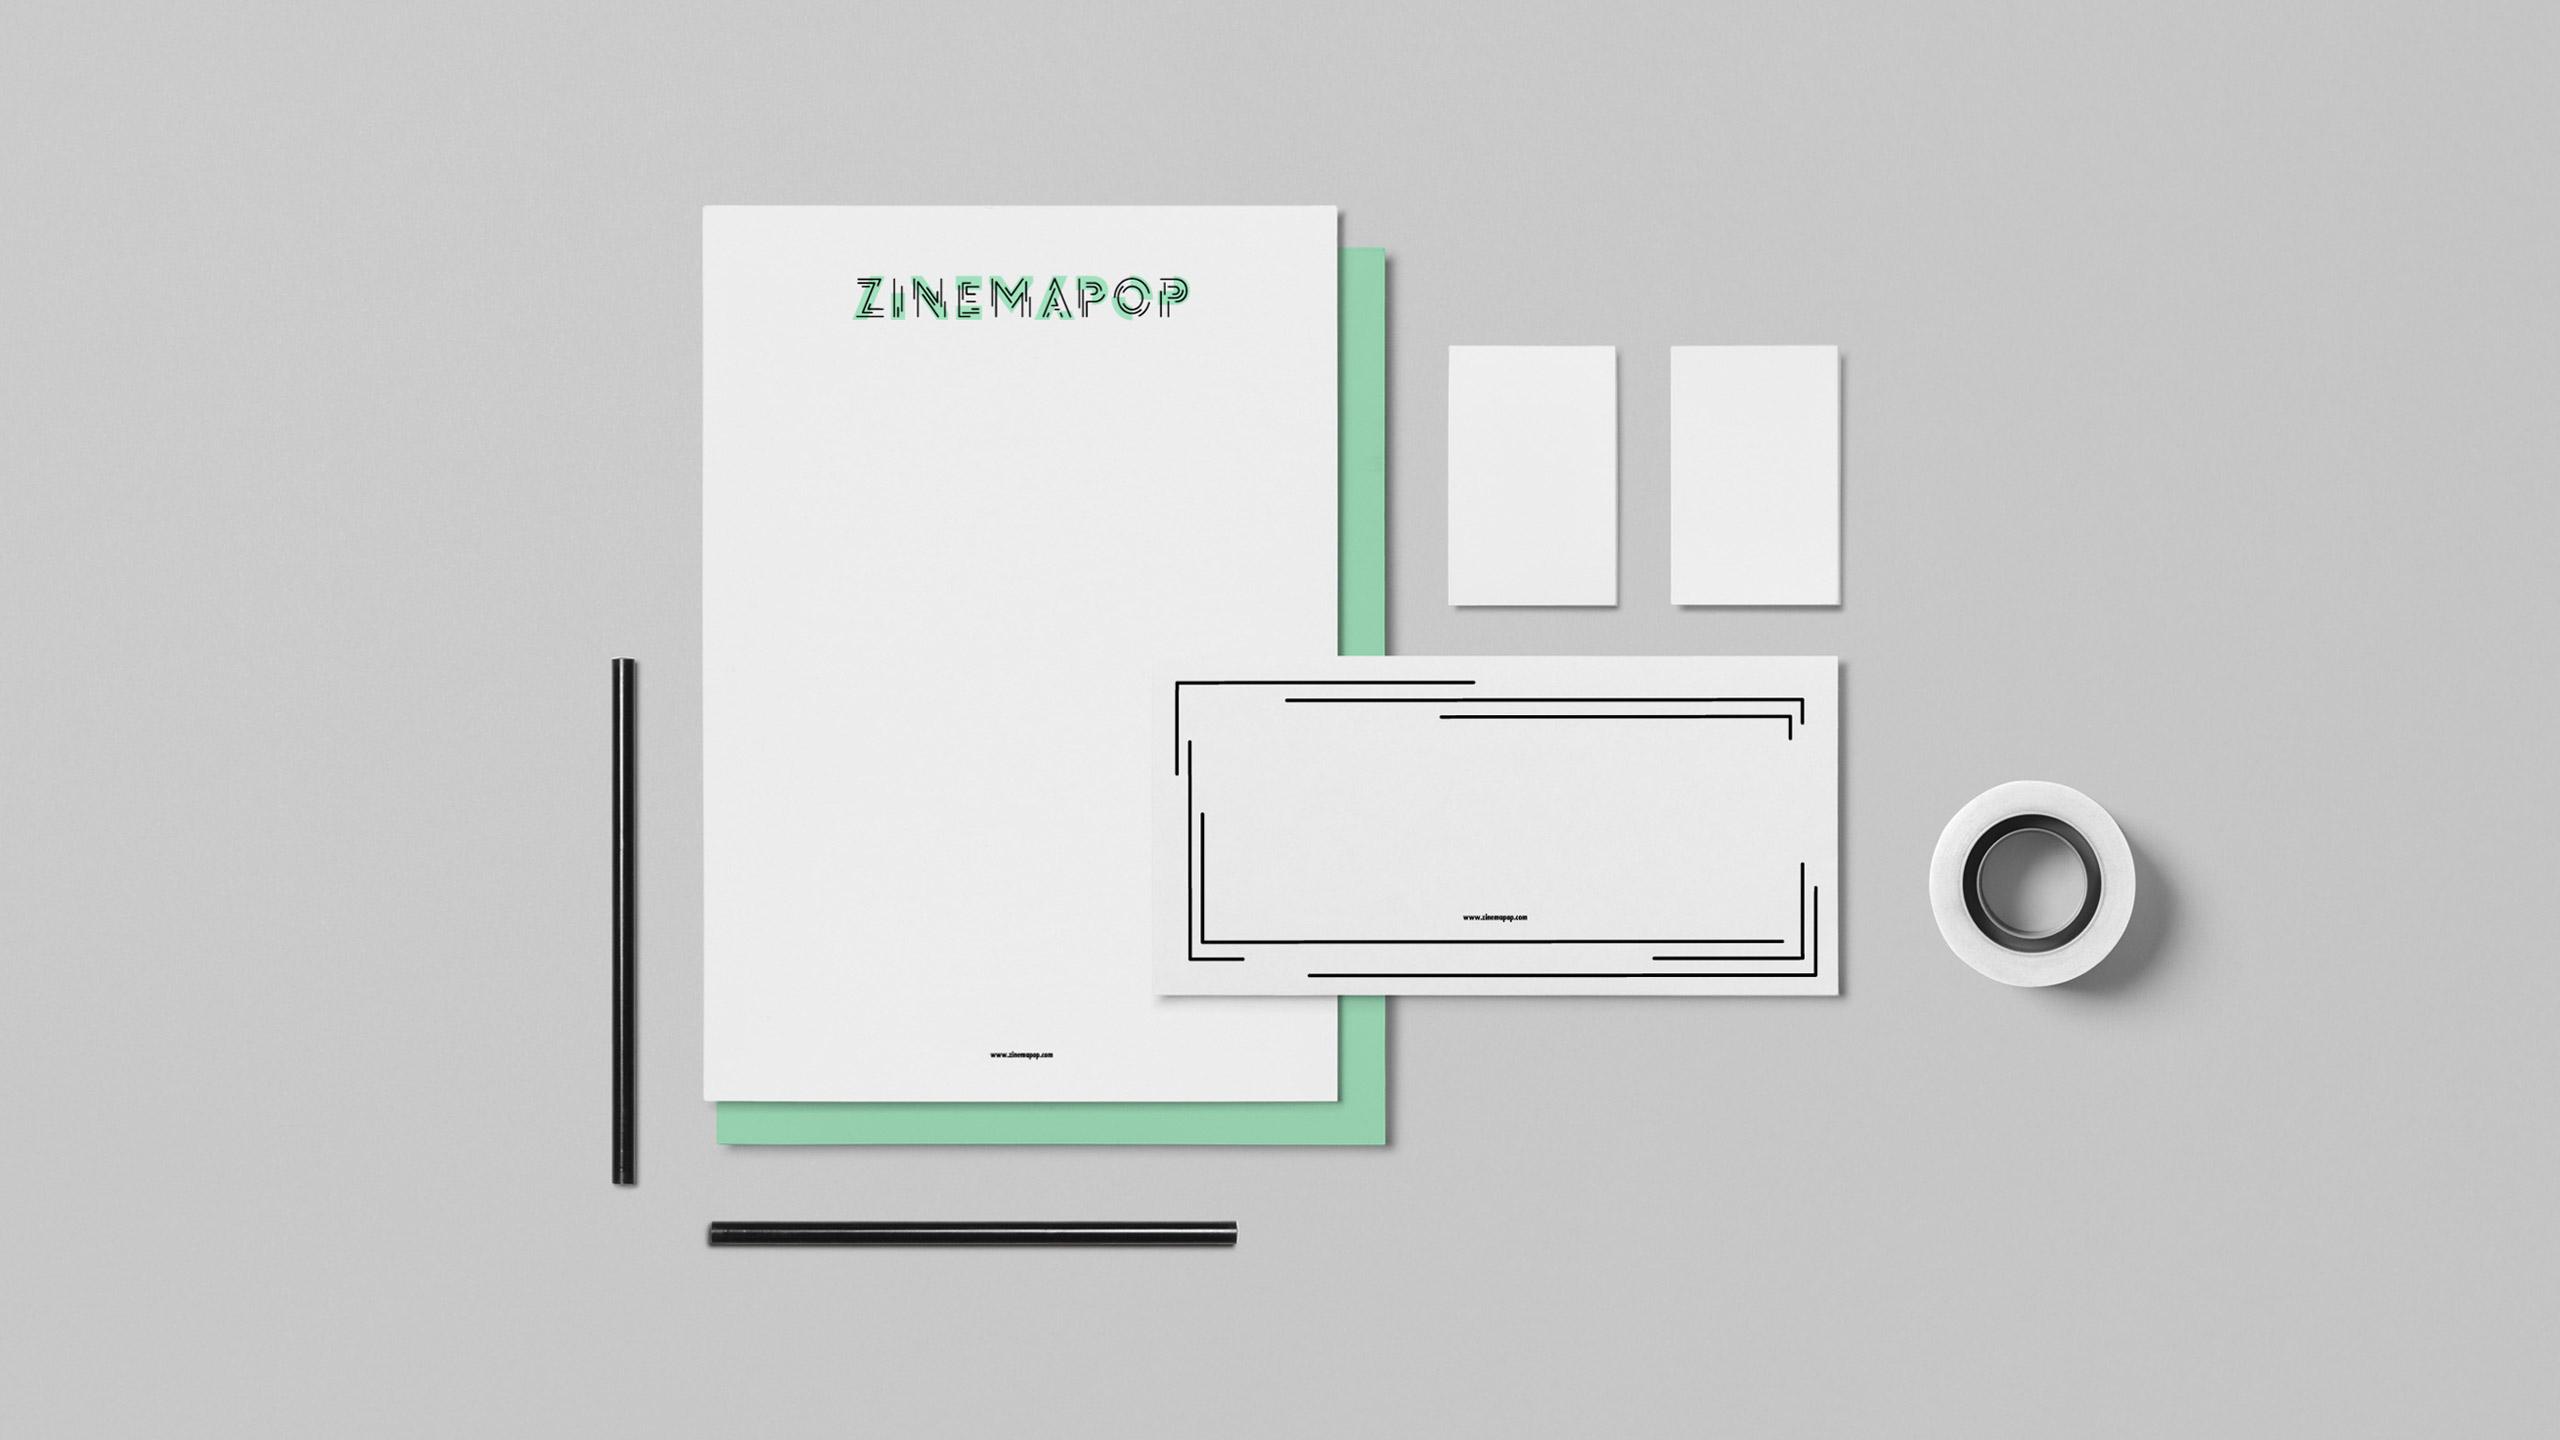 zinemapop-papeleria